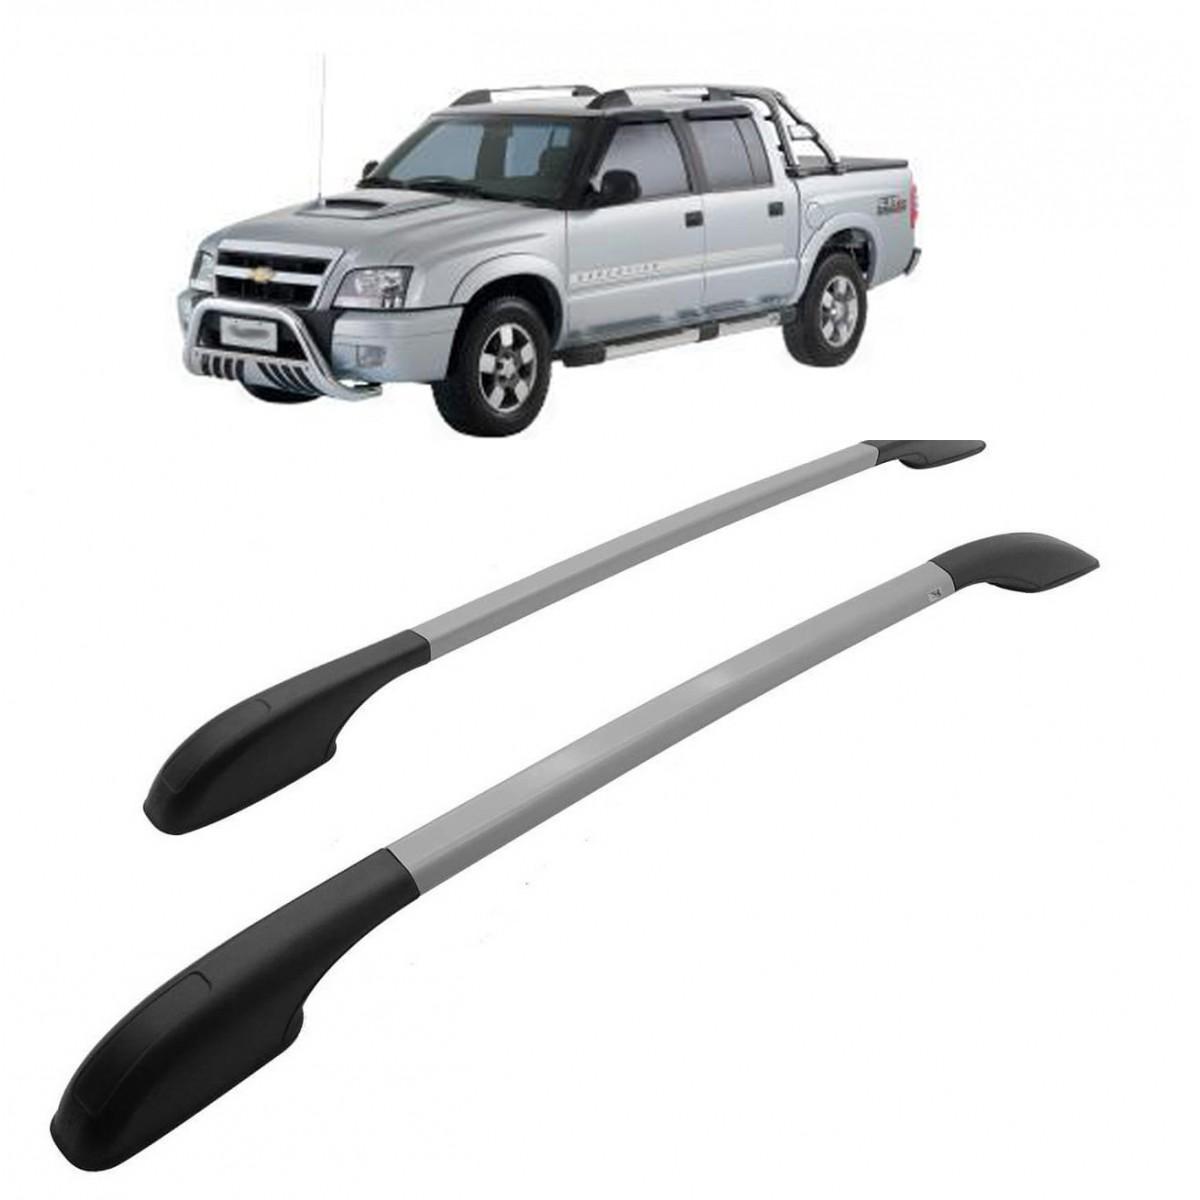 Longarina Decorativa Teto Alumínio Prata S10 1998 a 2011 Não Fura Teto